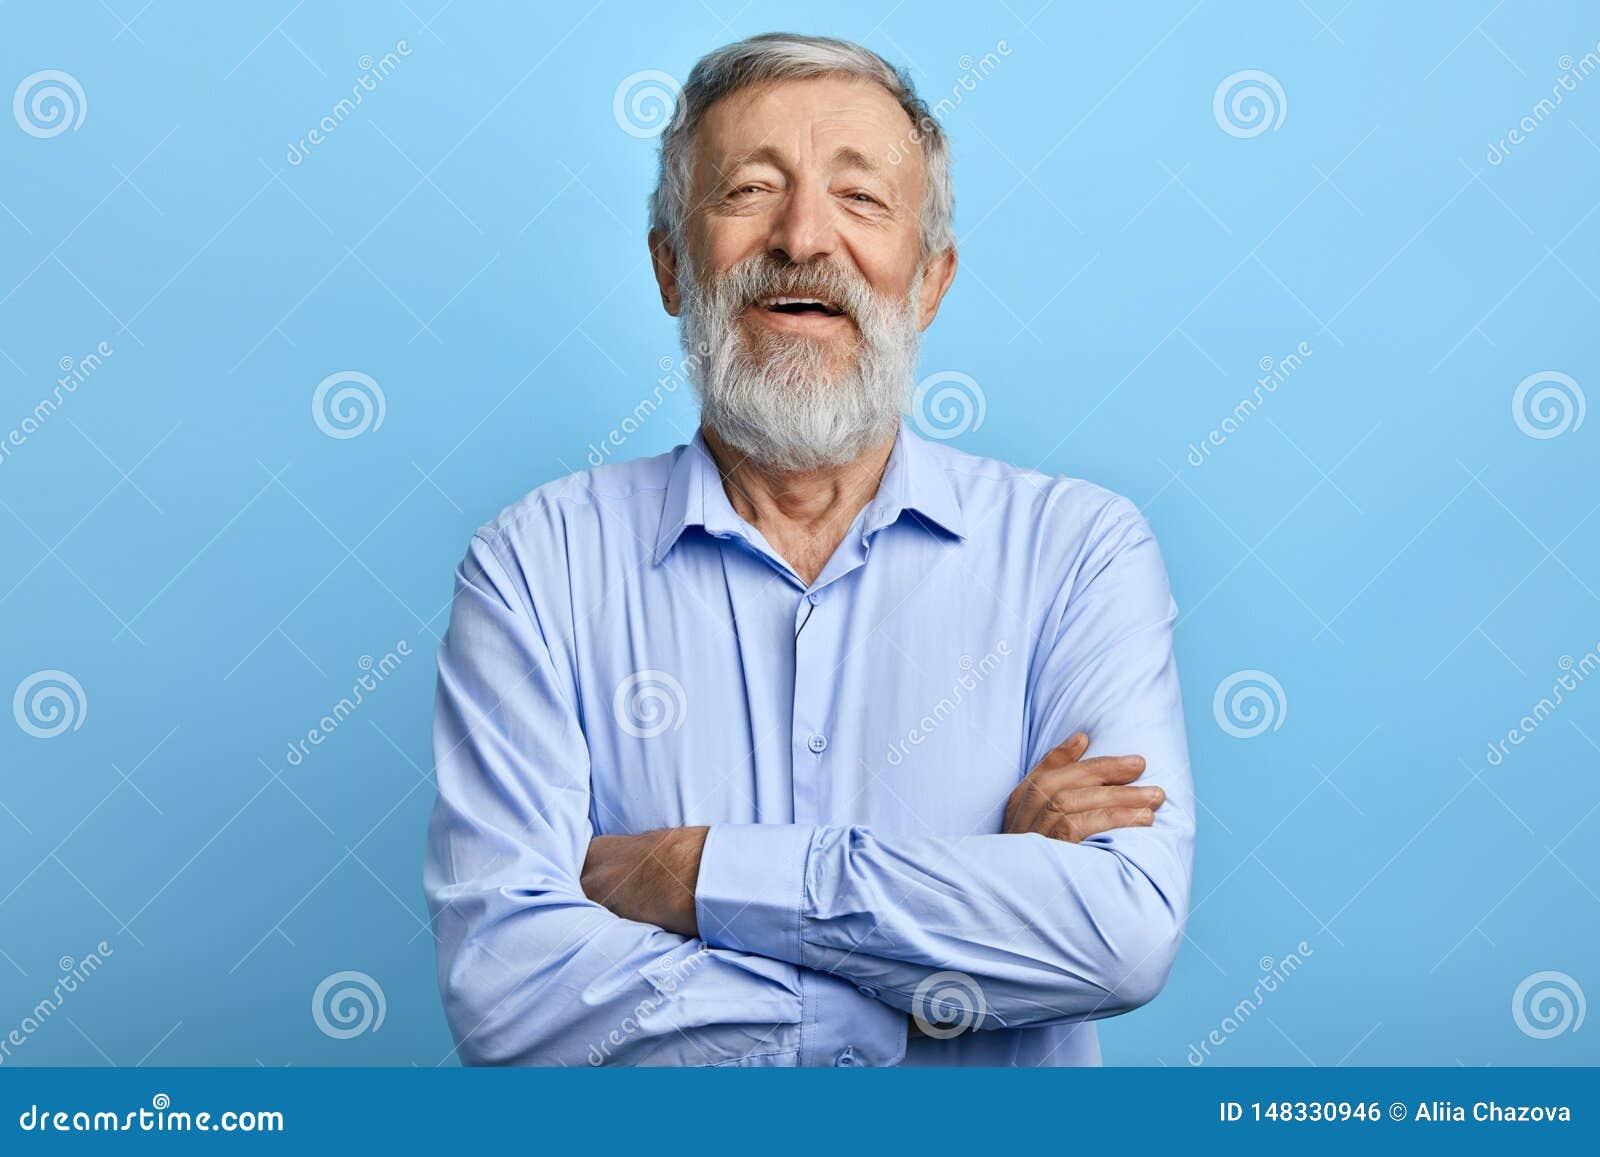 Situación hermosa amistosa del hombre con los brazos cruzados, riéndose algo